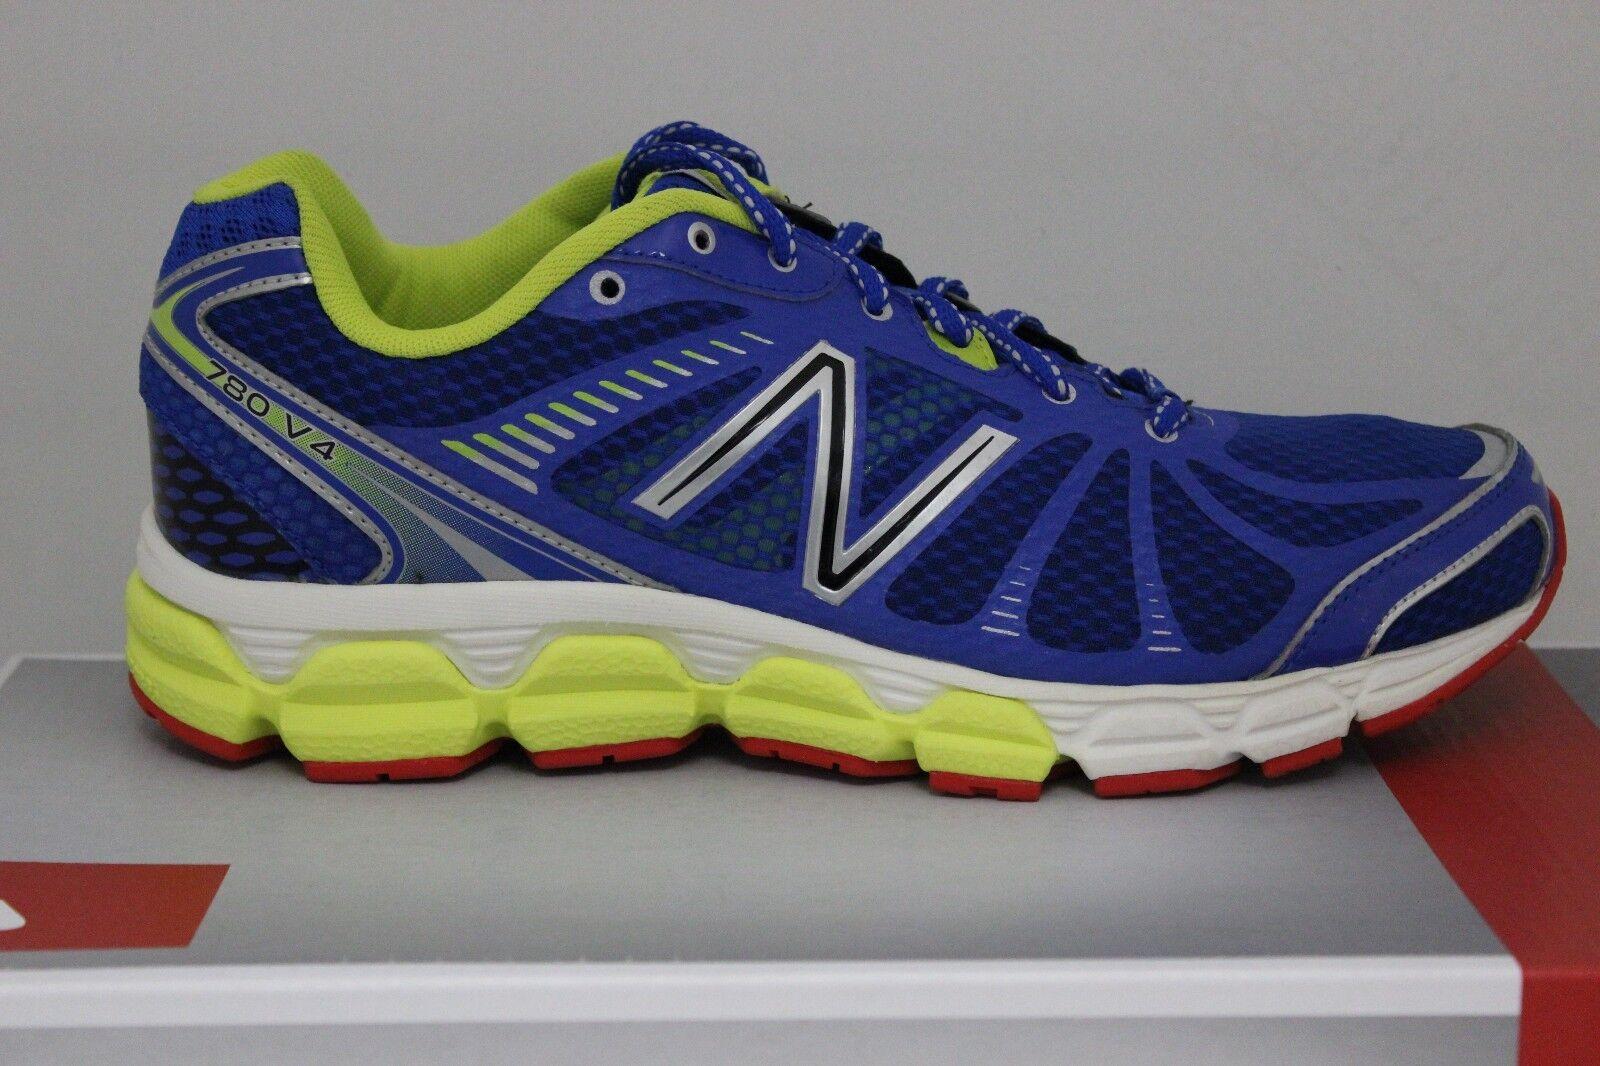 NUEVO Reebok CL Corredor HMT V67725 Calzado Zapatillas para hombres Calzado V67725 SALE 2df519